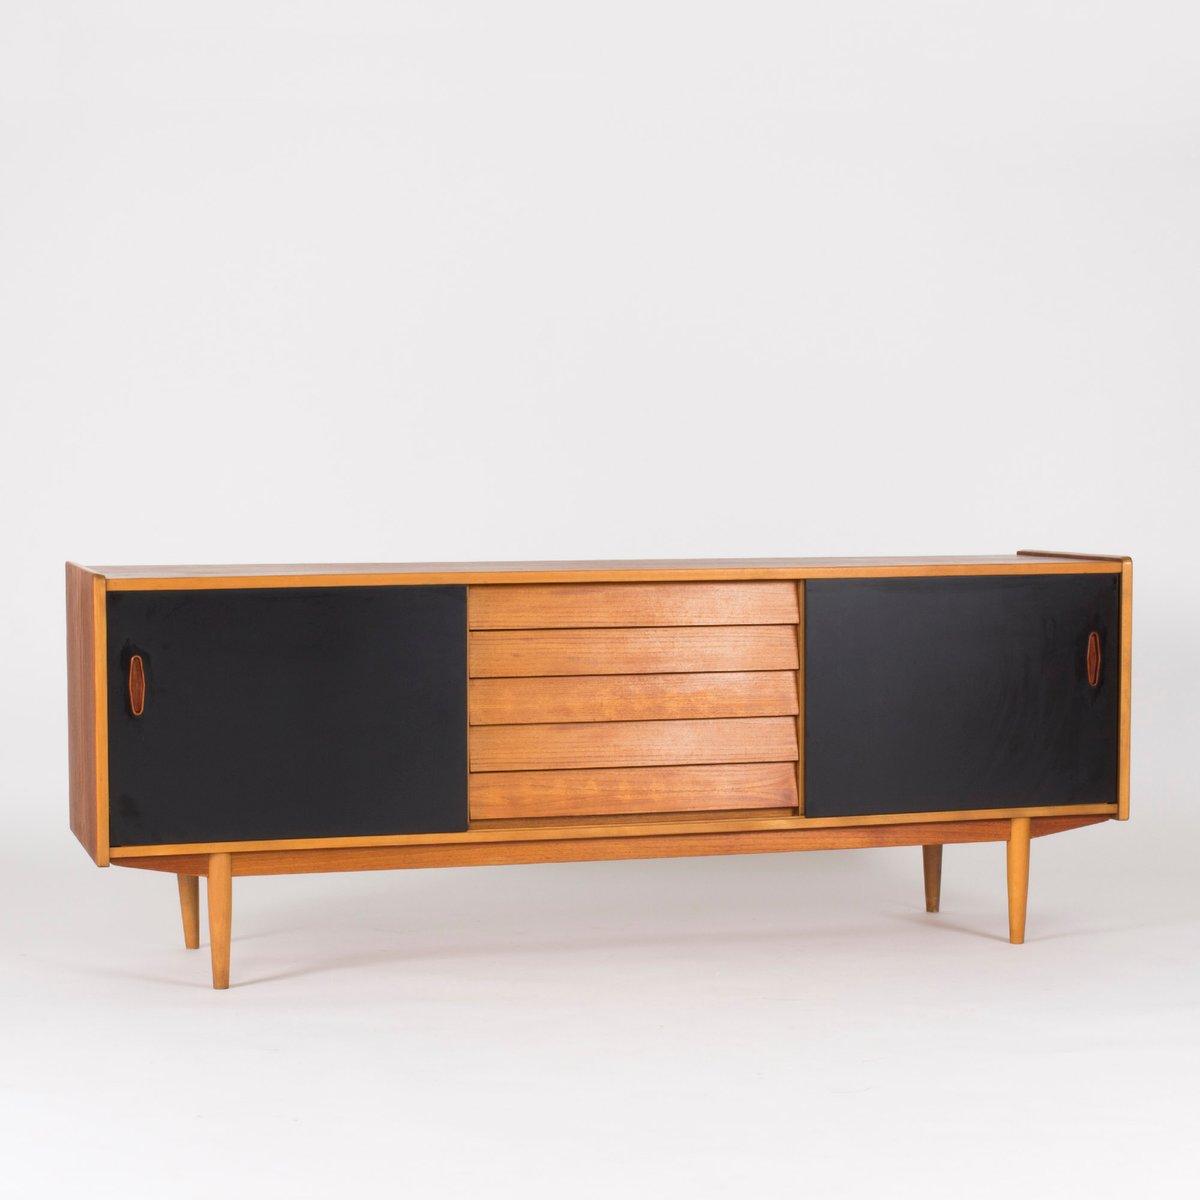 teak sideboard from hugo troeds 1950s for sale at pamono. Black Bedroom Furniture Sets. Home Design Ideas